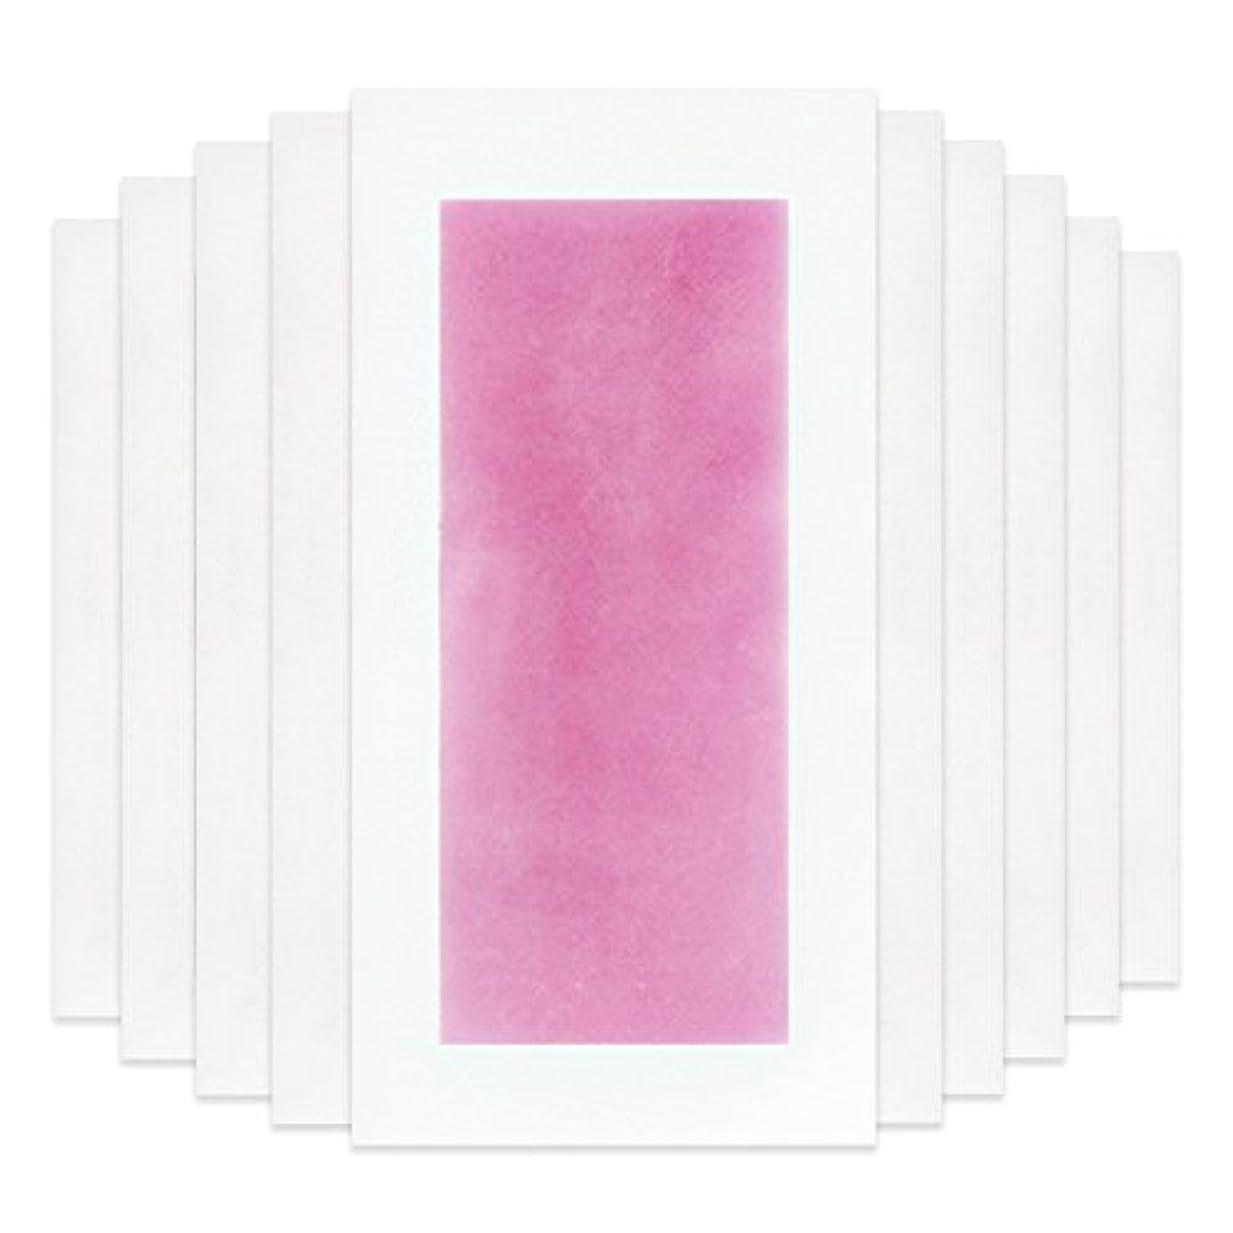 内陸参加するジョージエリオットRabugoo セクシー 脚の身体の顔のための10個のプロフェッショナルな夏の脱毛ダブルサイドコールドワックスストリップ紙 Pink